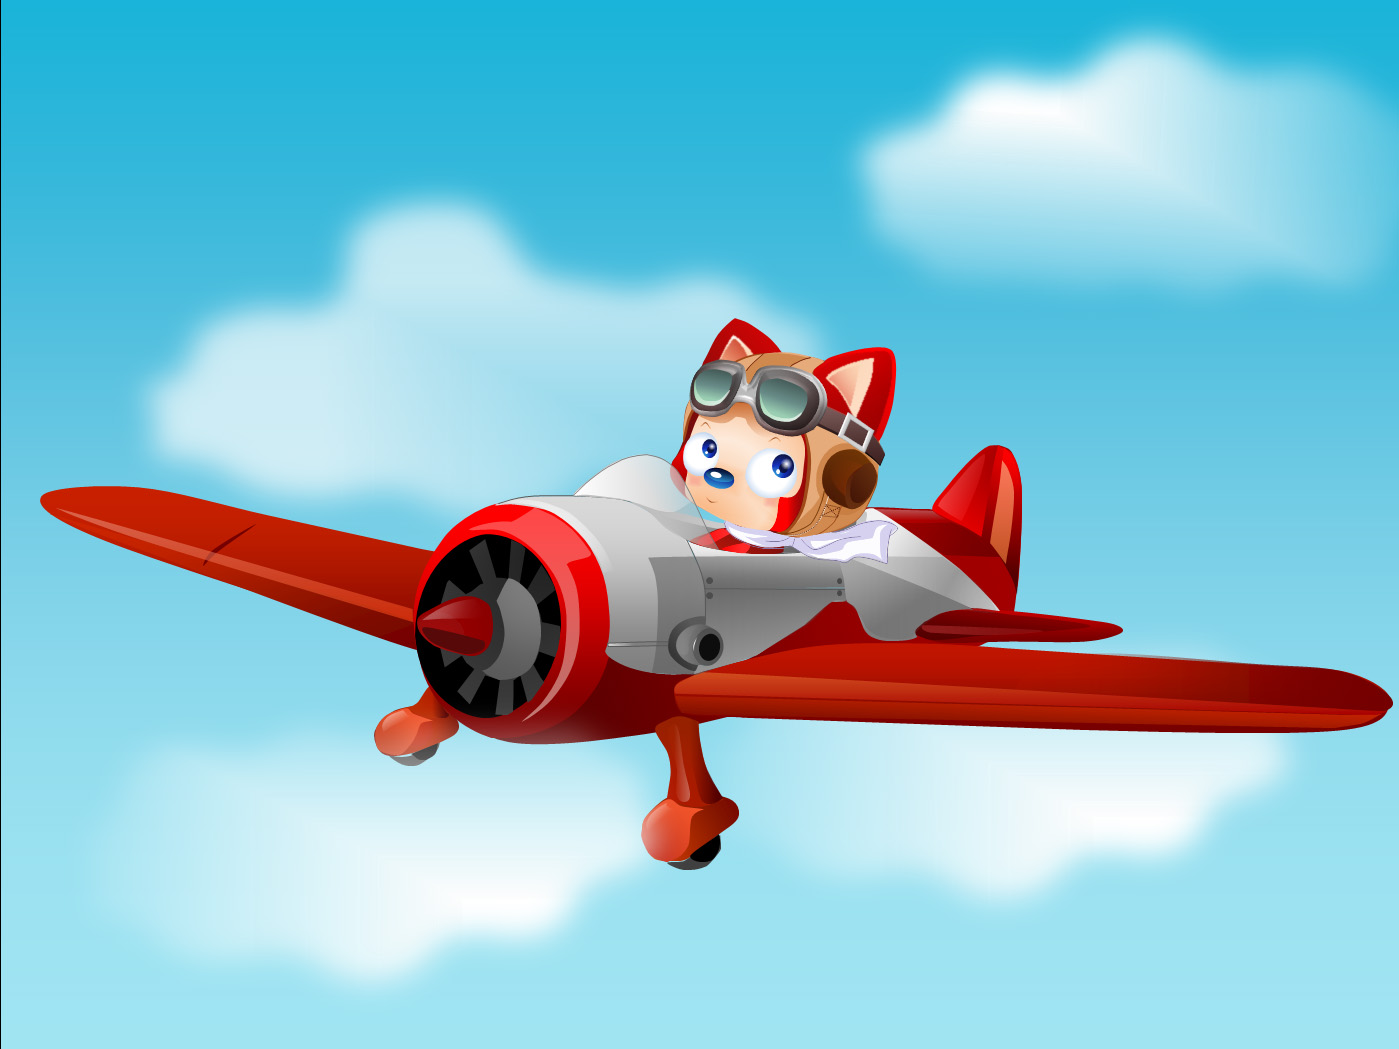 飞机 卡通 漫画 头像